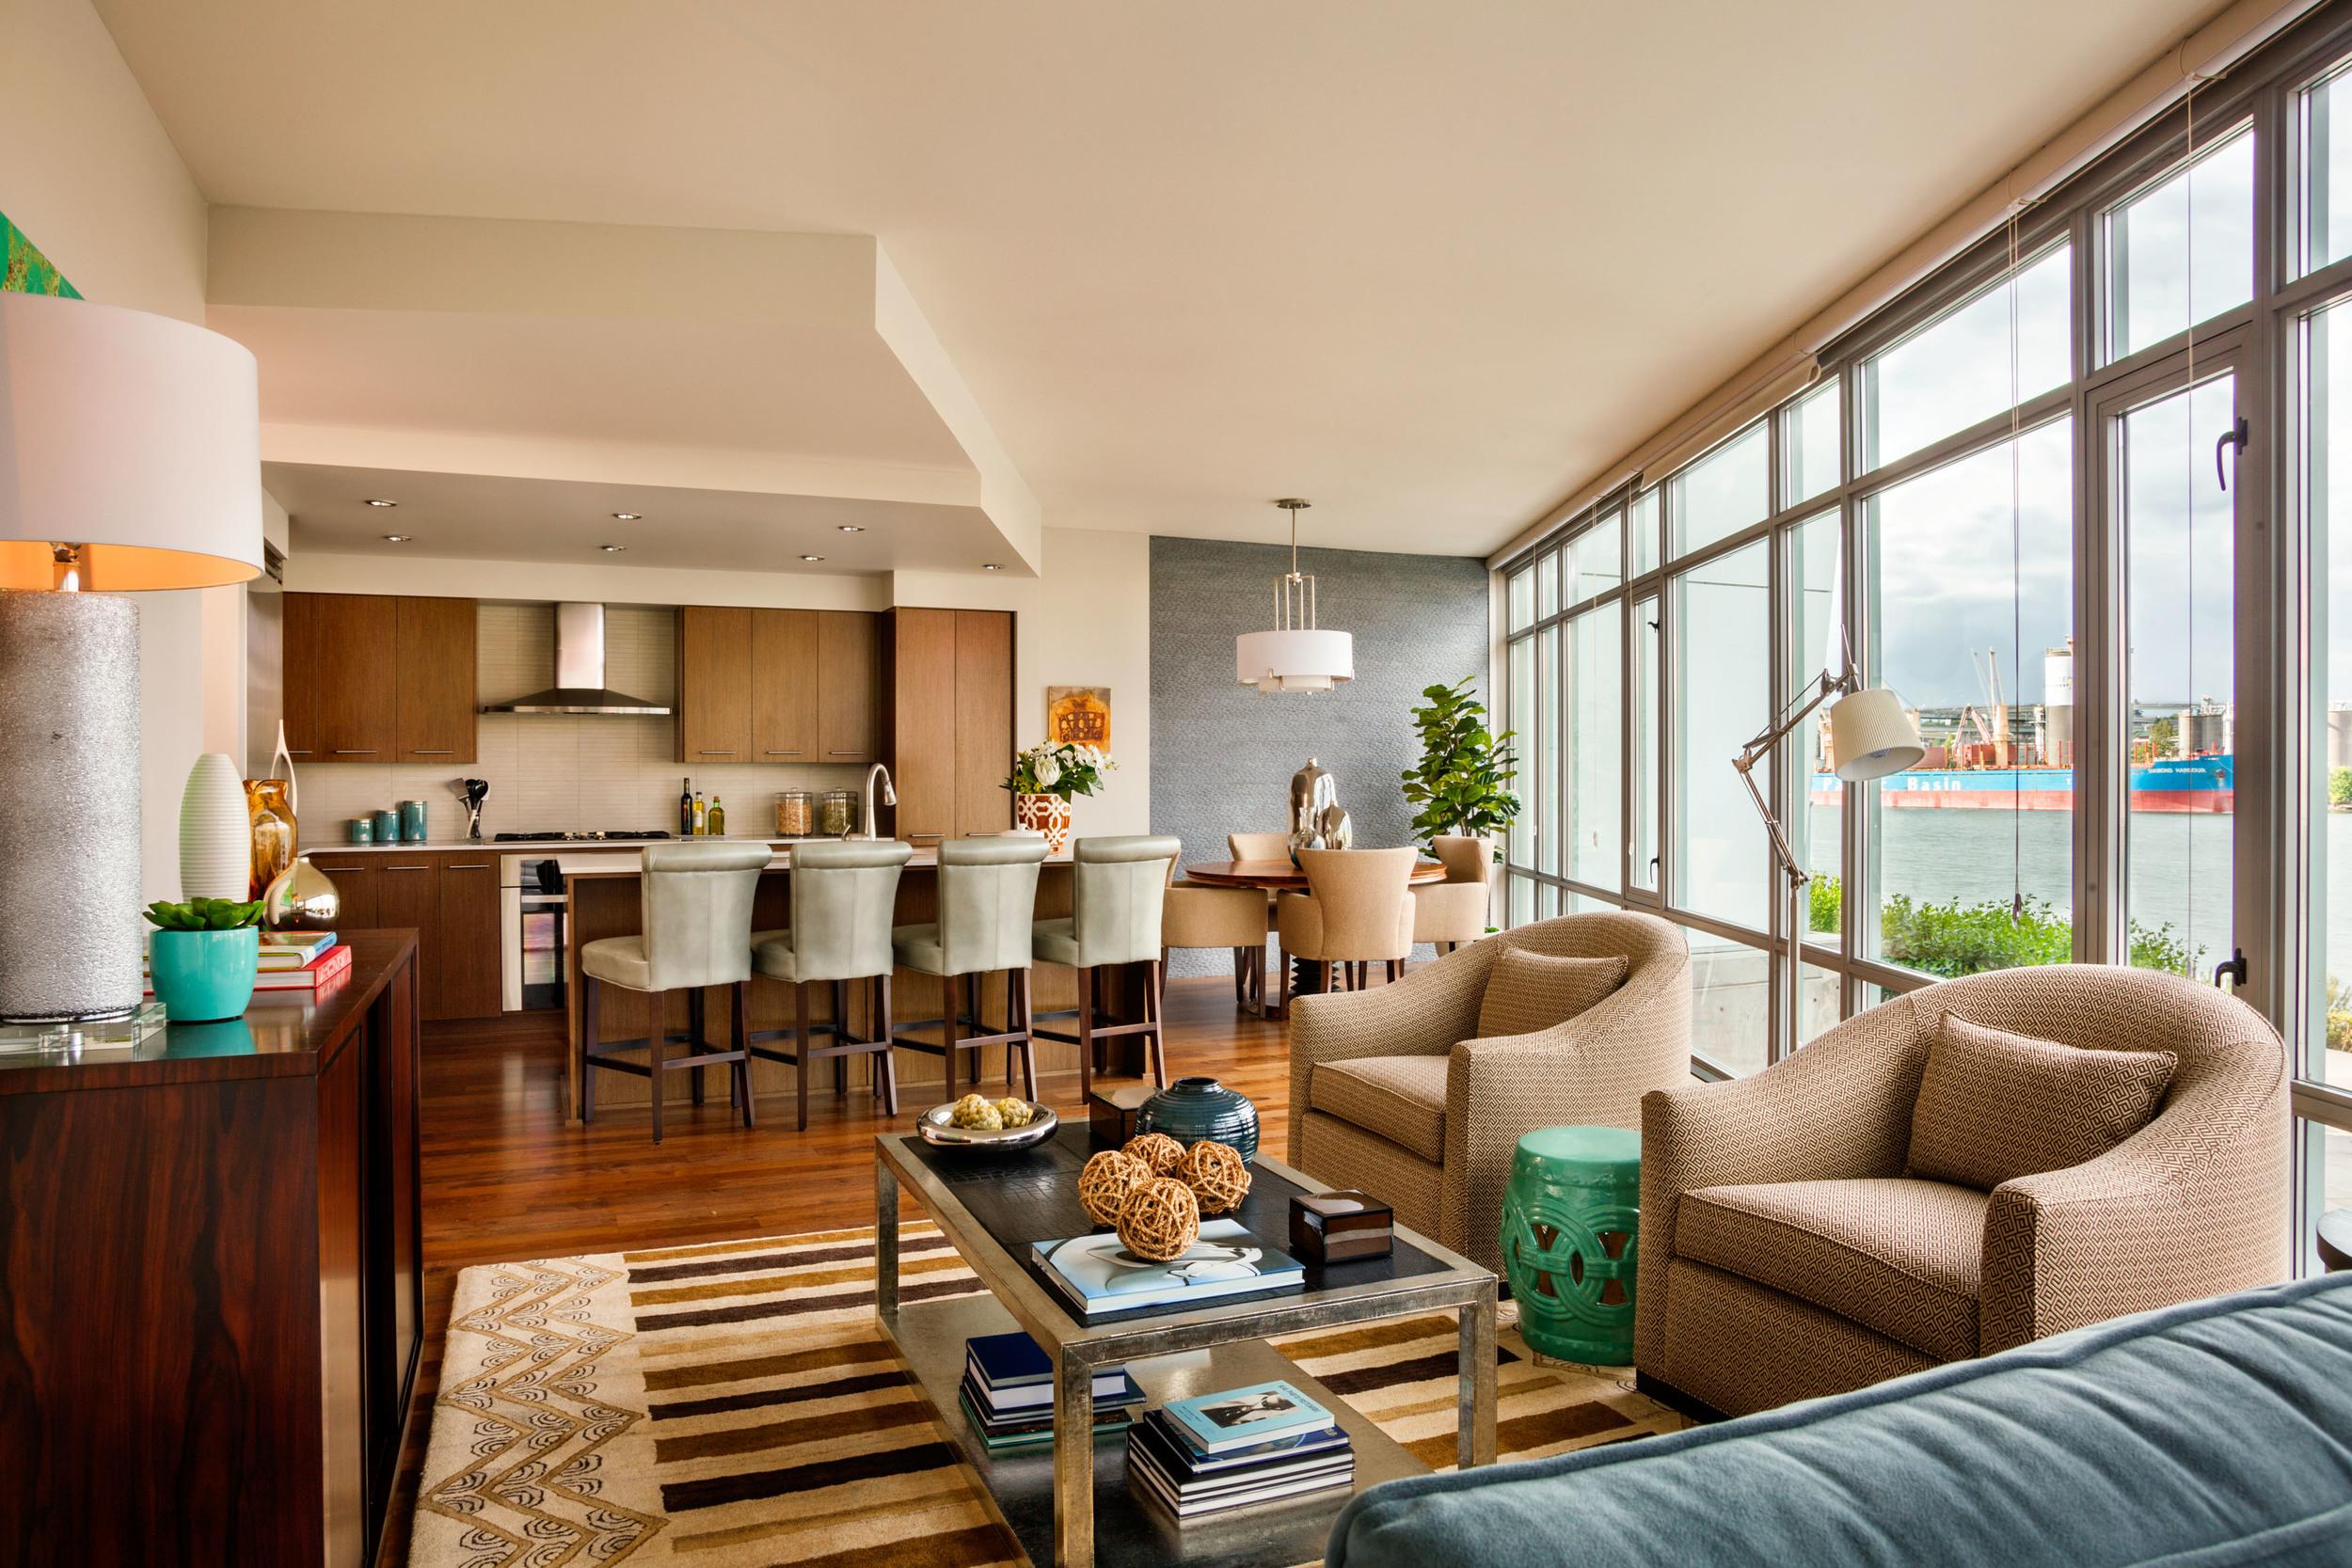 Portland Interior Designer News: Finished Luxury ondo Model Units ... - ^